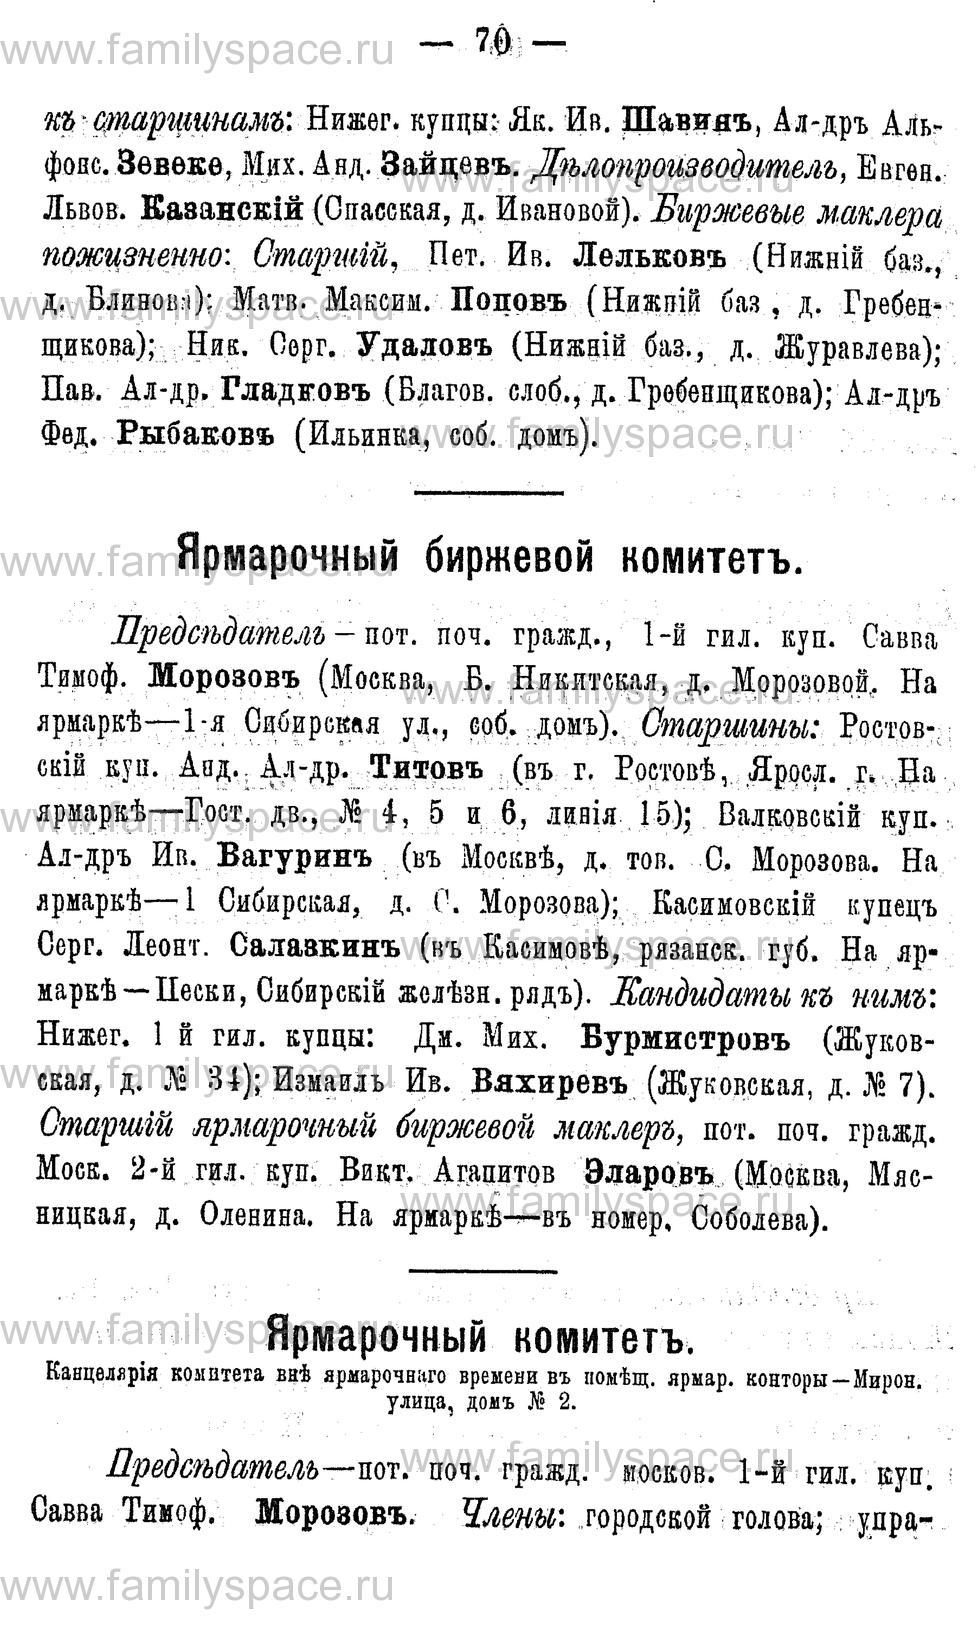 Поиск по фамилии - Адрес-календарь Нижегородской губернии на 1891 год, страница 70